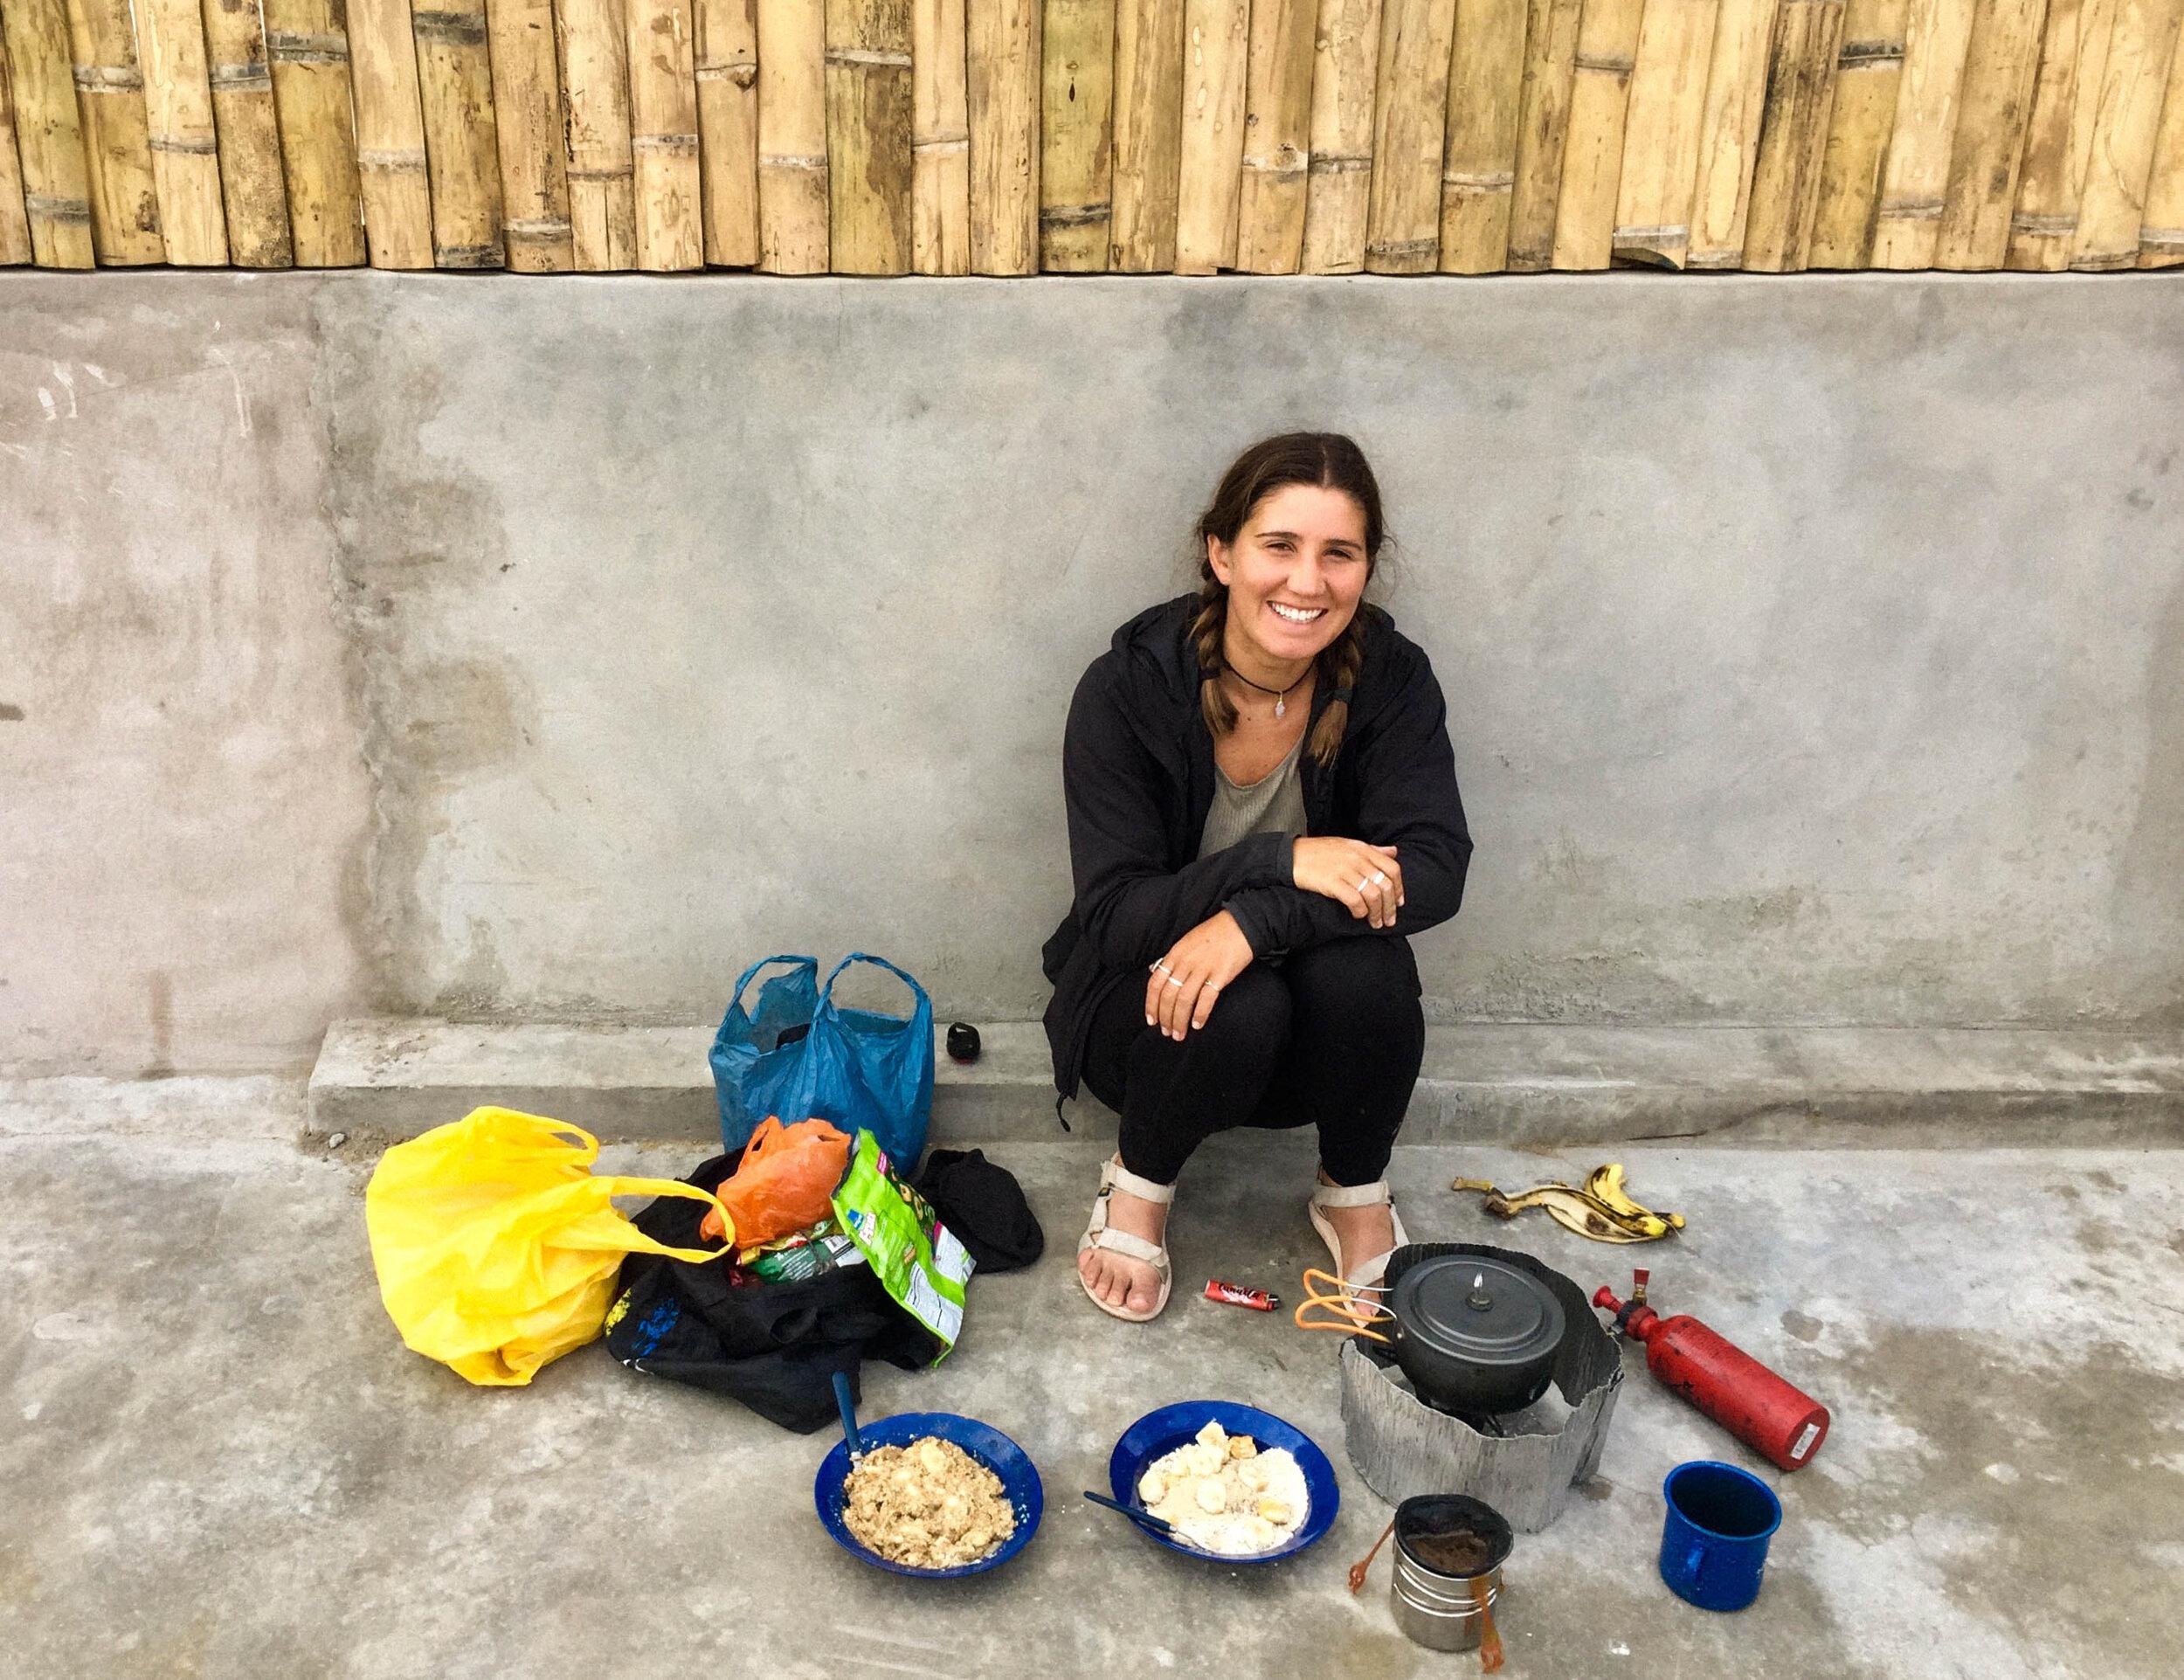 Breakfast in Colombia, 2019